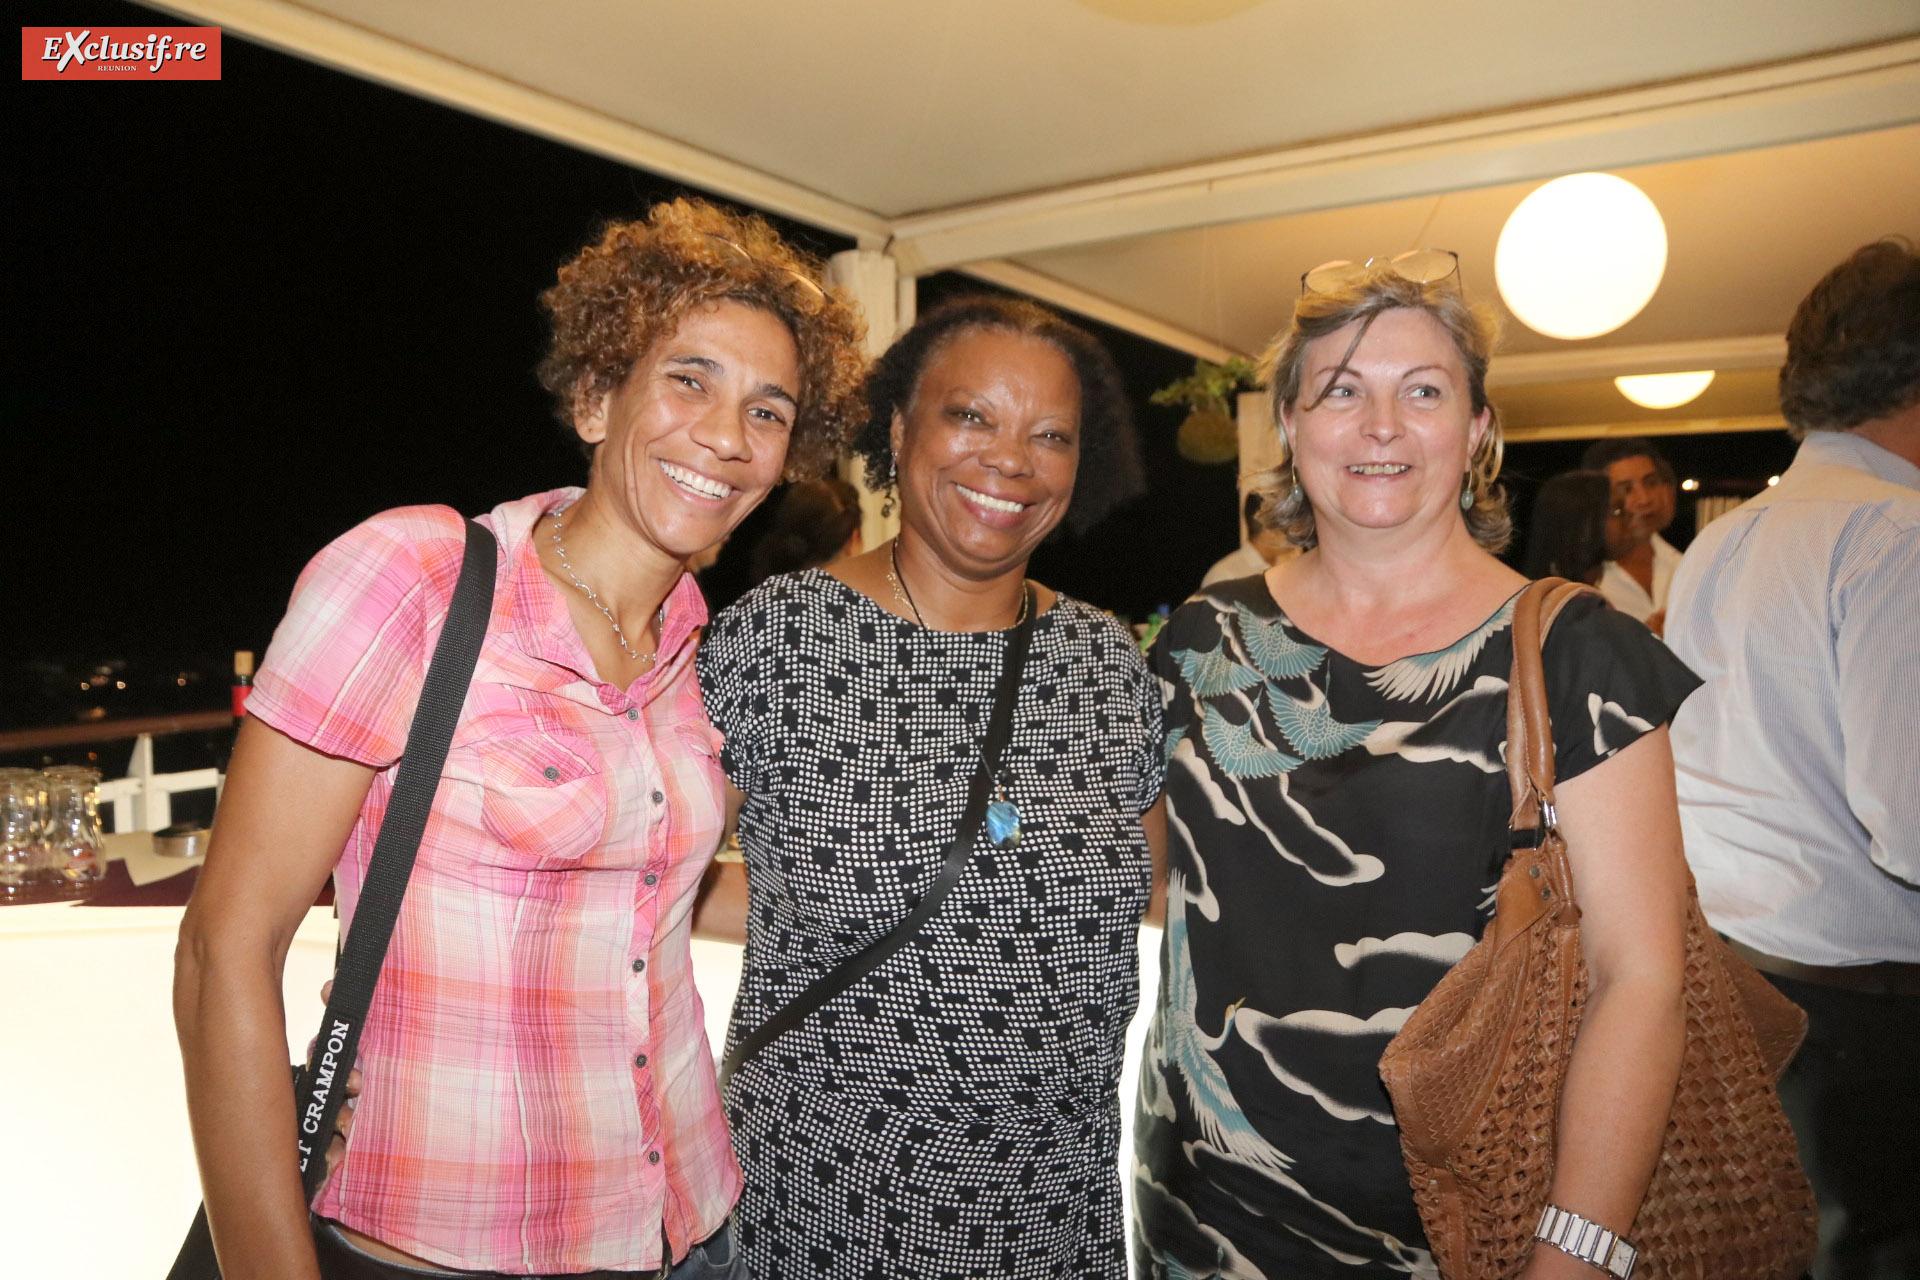 Estelle Kitegi, chargée de mission CFORM, Marie-Laure Dalleau, secrétaire au SICR, et Marie-Laure Morère, gérante CFORM